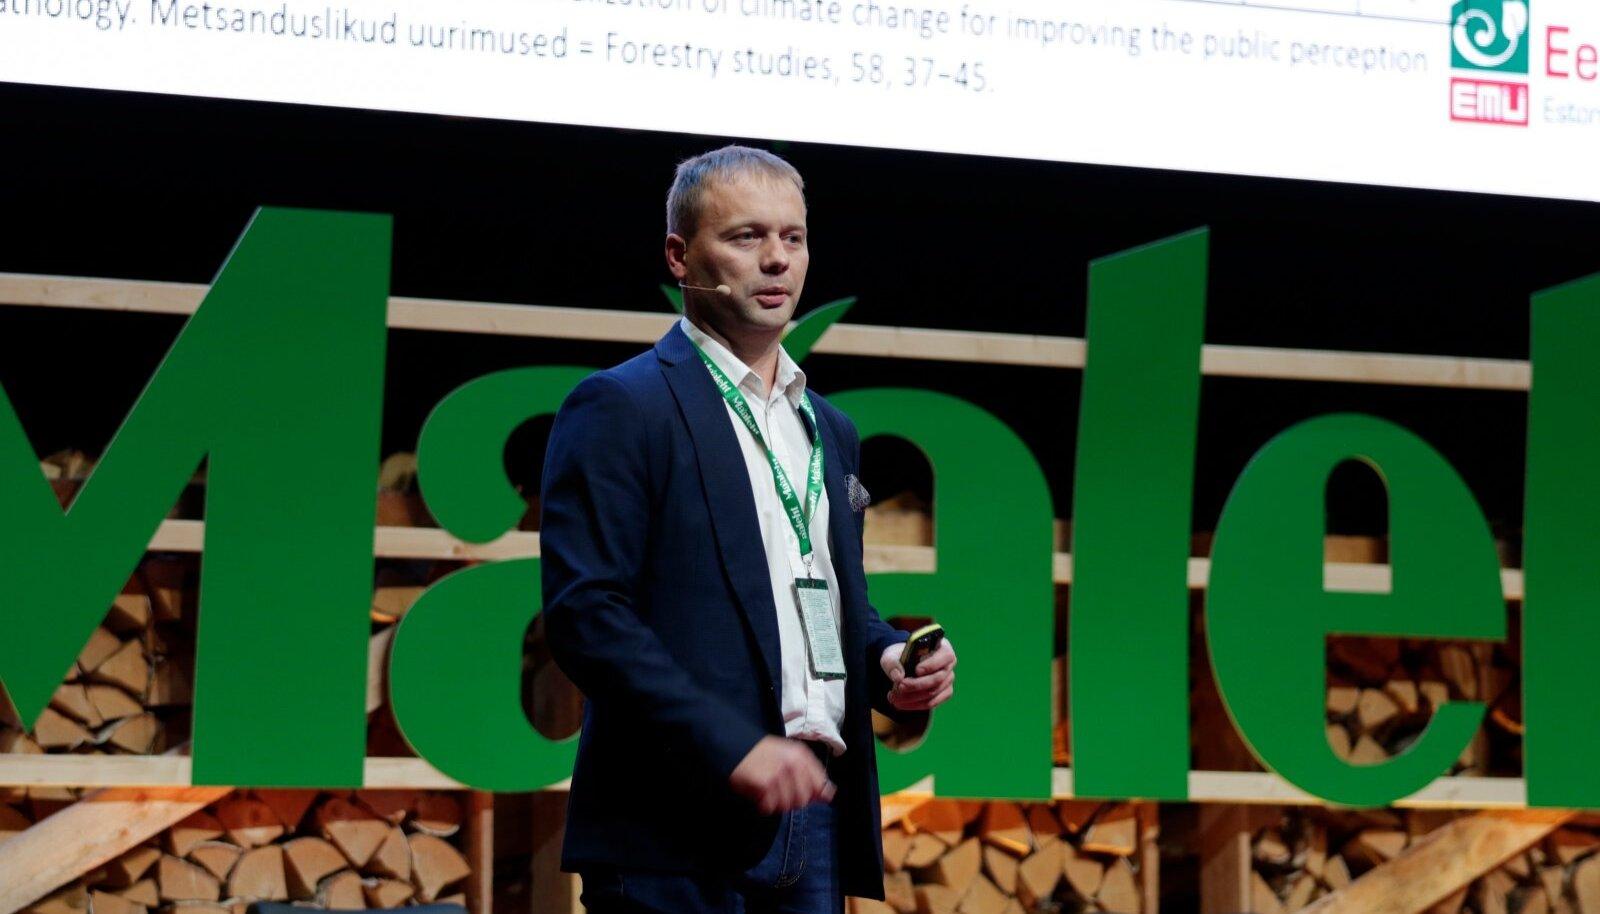 Mullusel Maalehe metsakonverentsil rääkis Eesti Maaülikooli metsakasvatuse ja metsaökoloogia õppetooli metsapatoloogia professor Rein Drenkhan, millised uued kahjustajad siinseid metsi ohustada võivad.